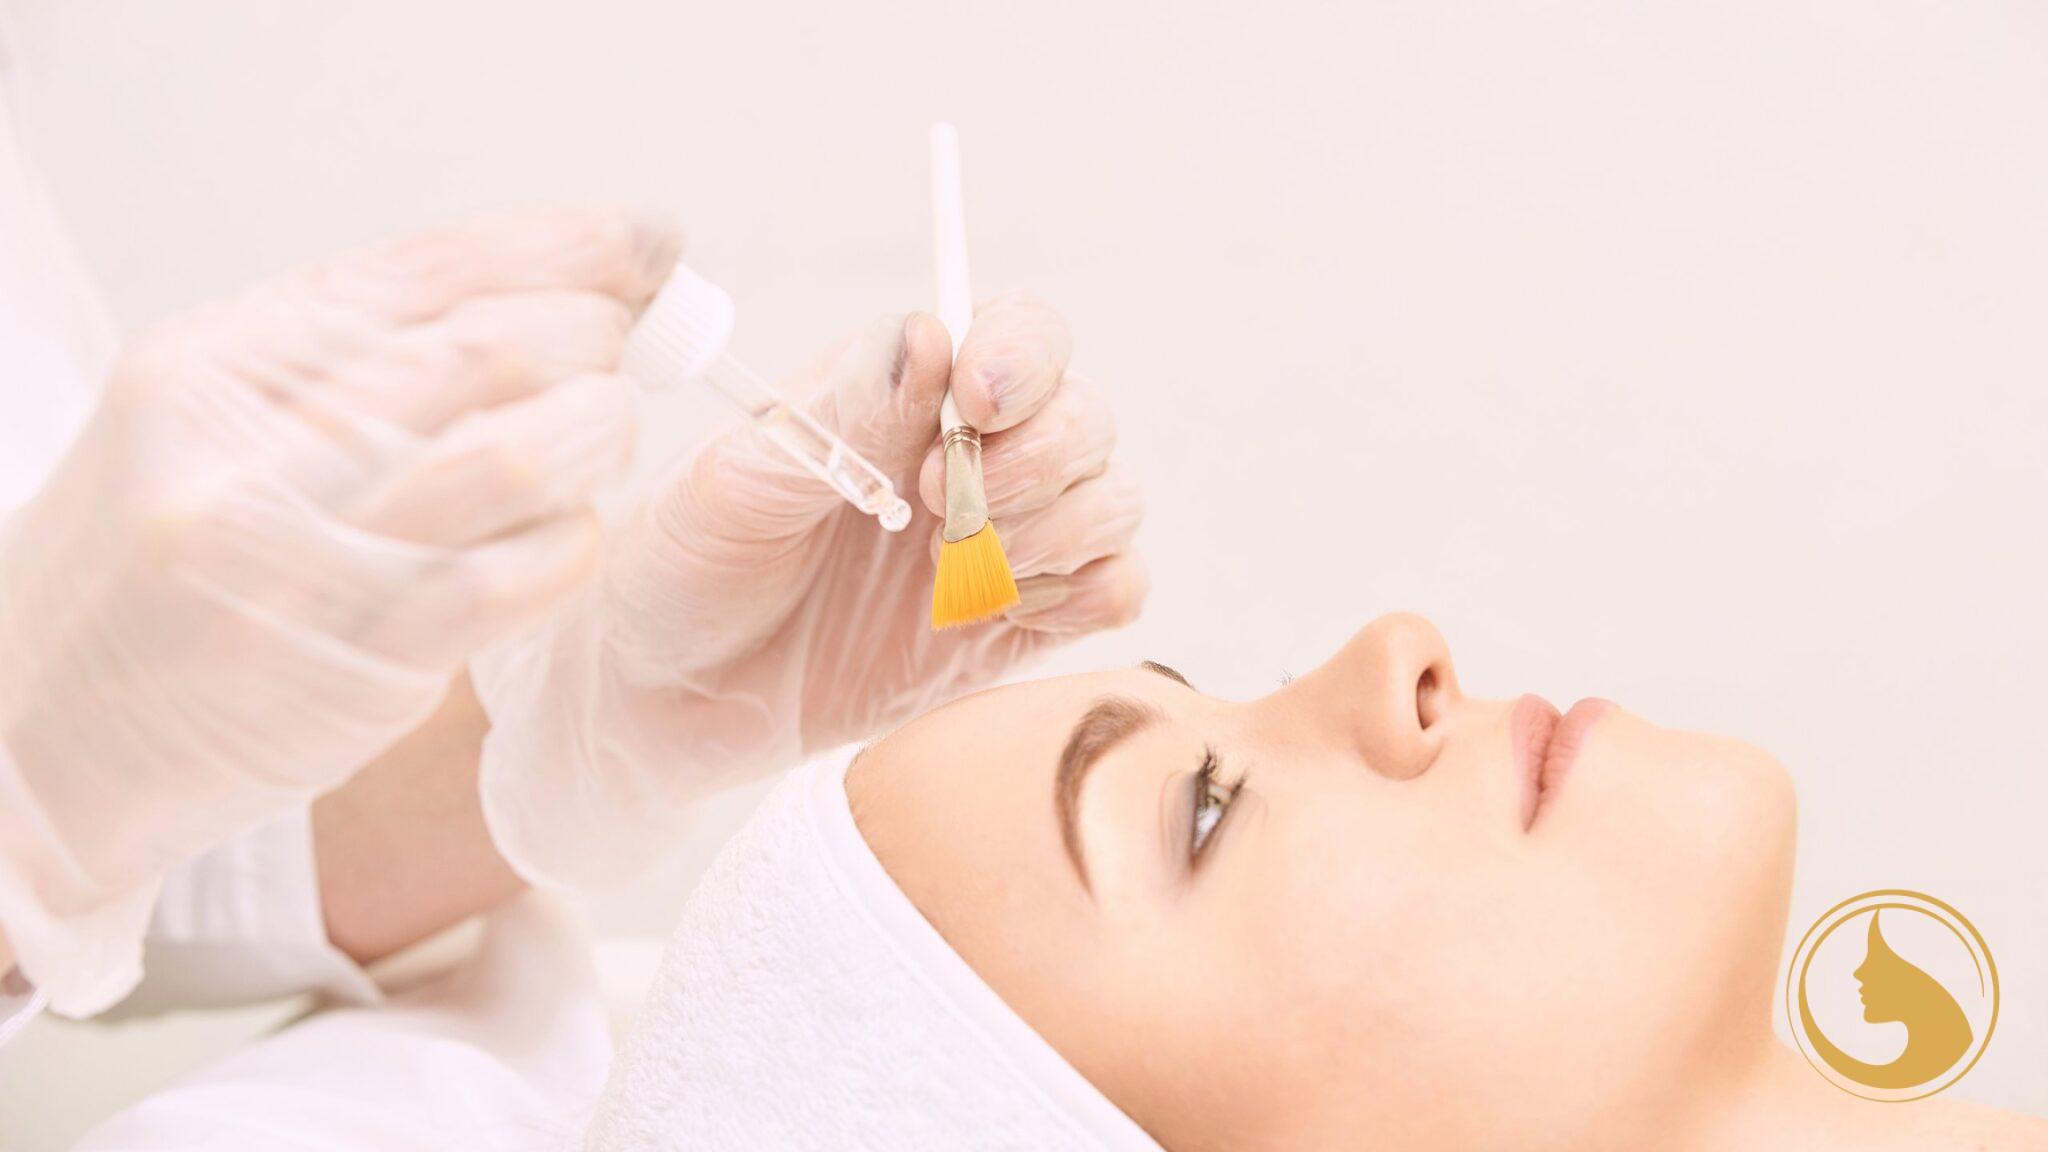 ipeptide mesobotox lift Extreme Beauty kozmetika